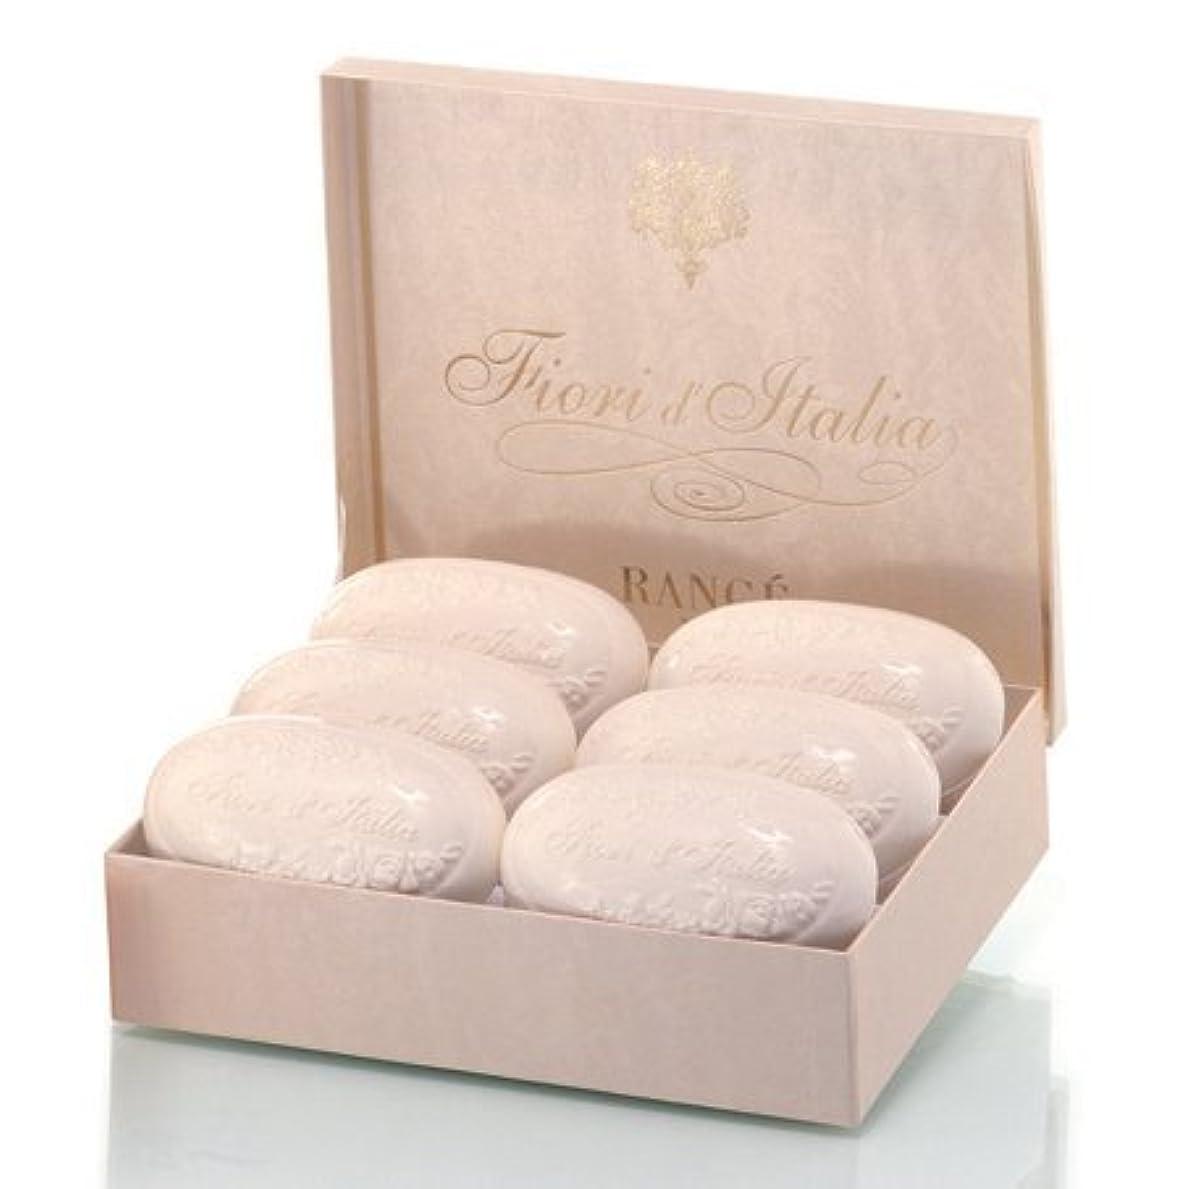 息を切らして振動させる複製するRancé Fiori d'Italia Soapbox(ランセ フィオーリ ディタリア ソープボックス)6 x 175 g [並行輸入品]